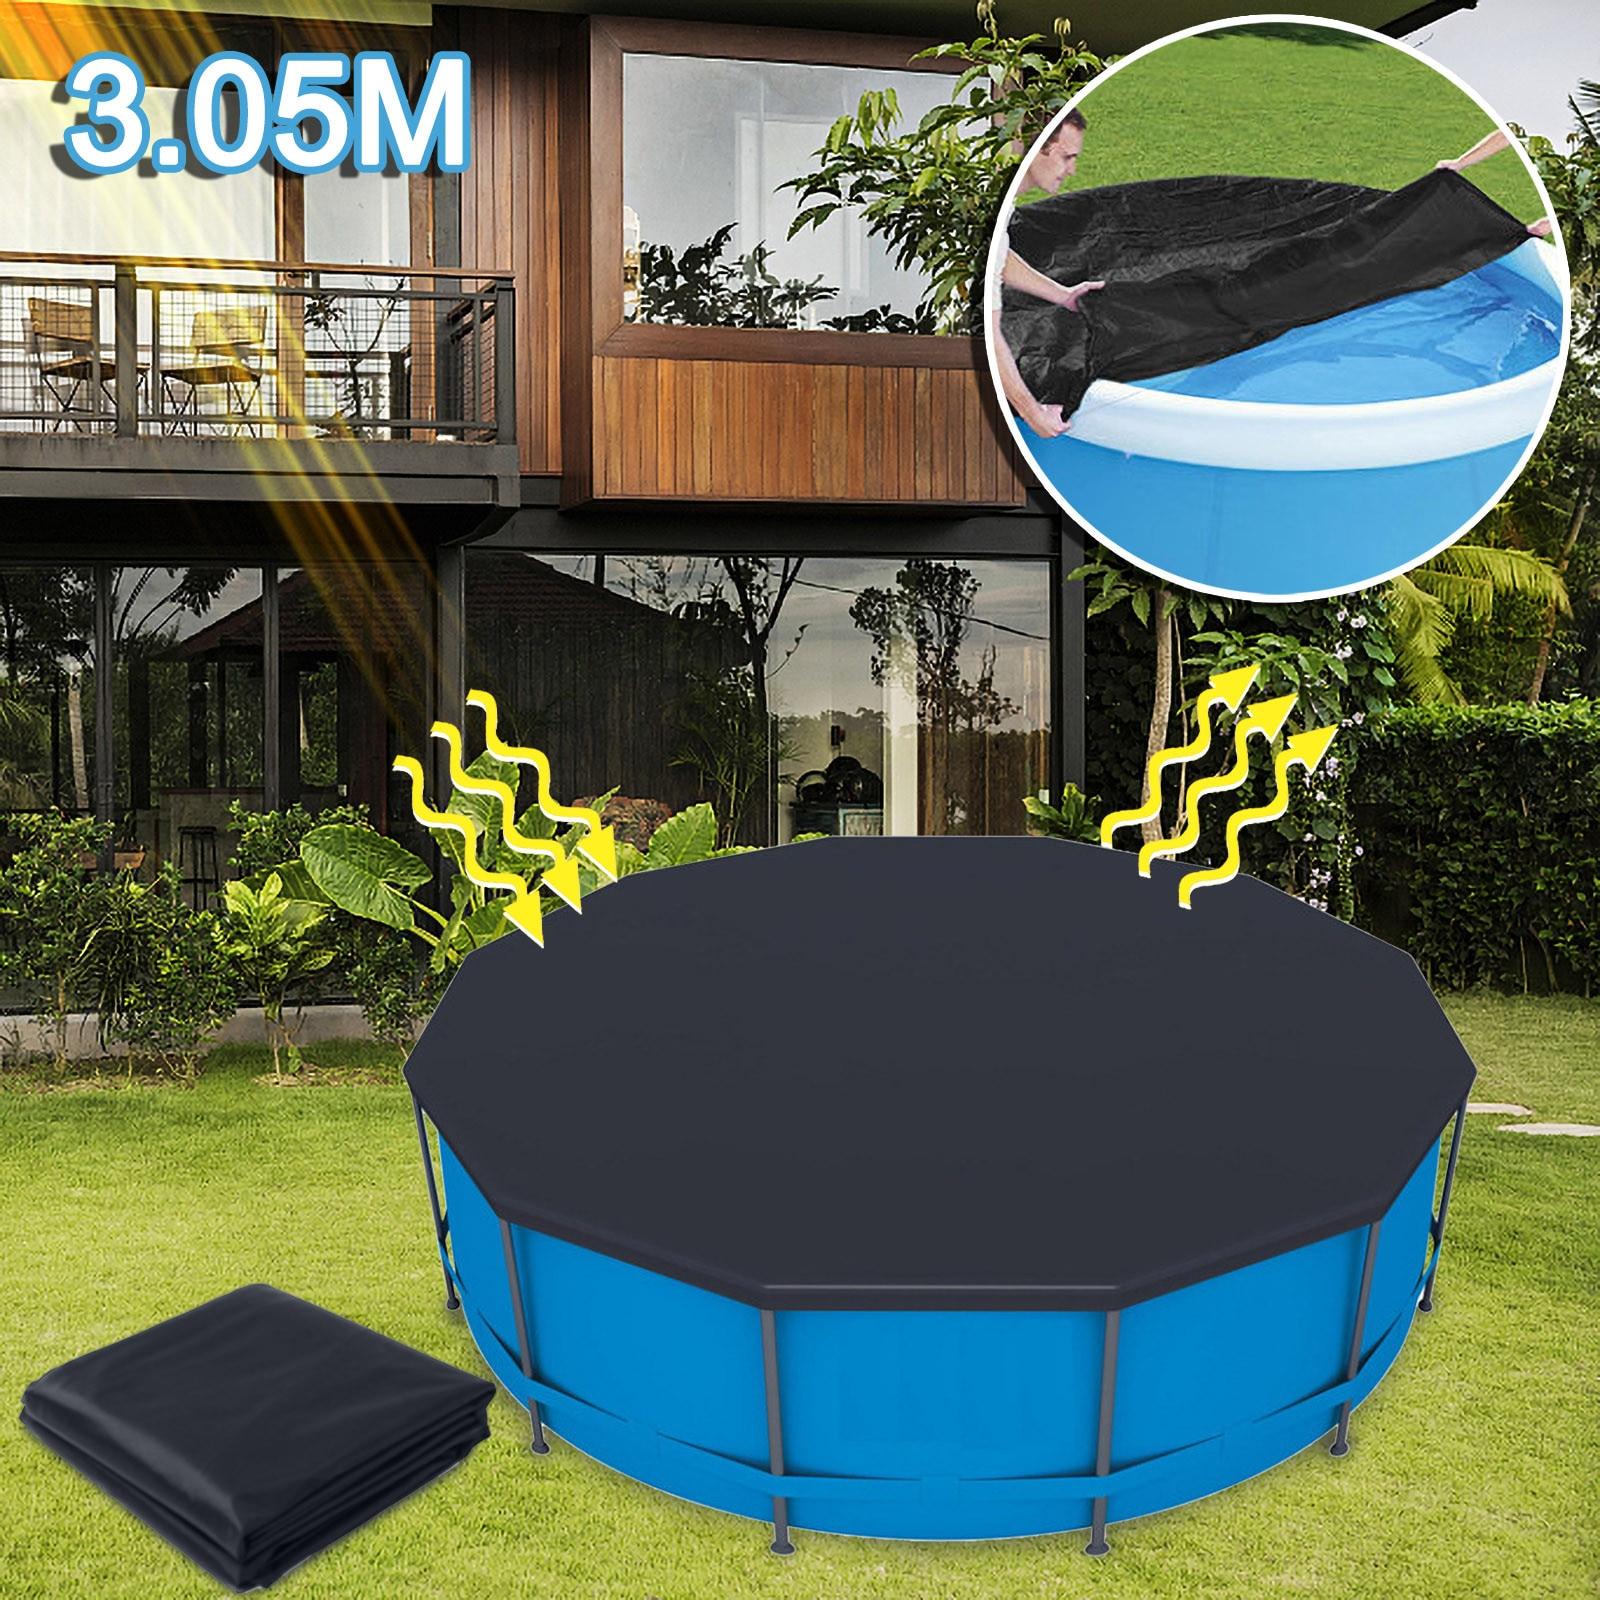 بركة اكسسوارات 3.05 متر غطاء حمام سباحة مستديرة غطاء حوض السباحة غطاء حمام سباحة حديقة في الهواء الطلق اللعب الأسرة Bache psquine بركة Zwembad اكسسوارات